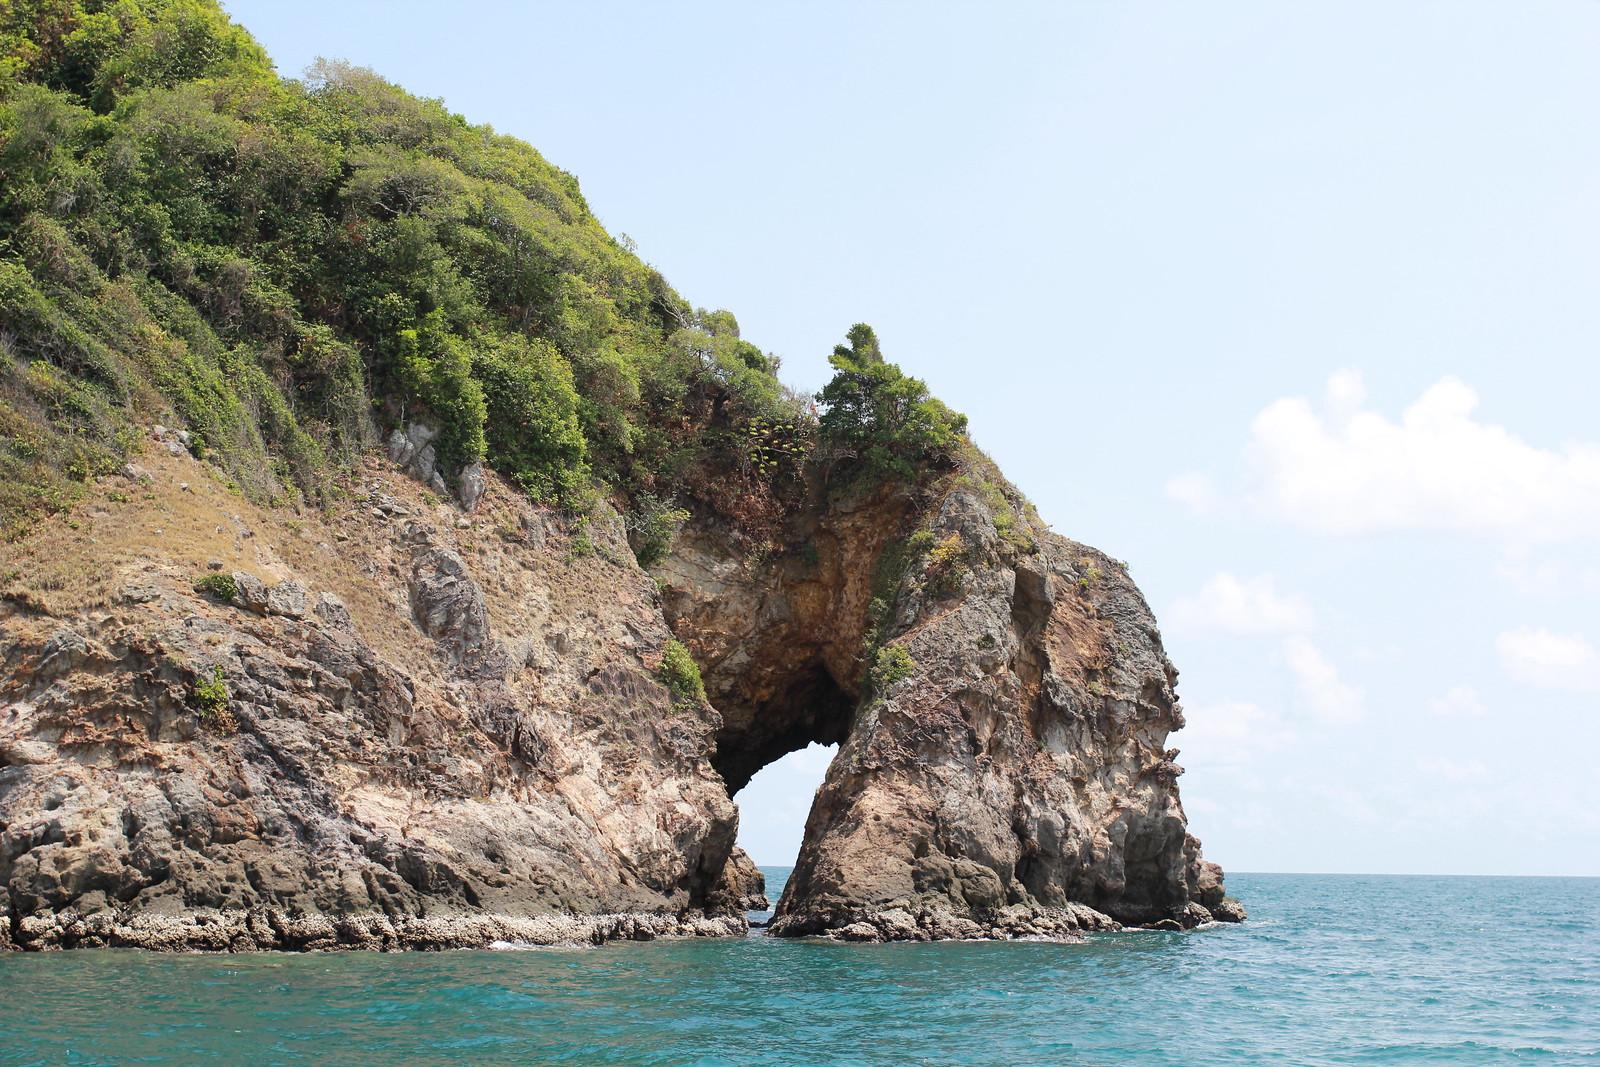 Koh Tha Lu - ช่องทะลุ เกาะทะลุ ระยอง